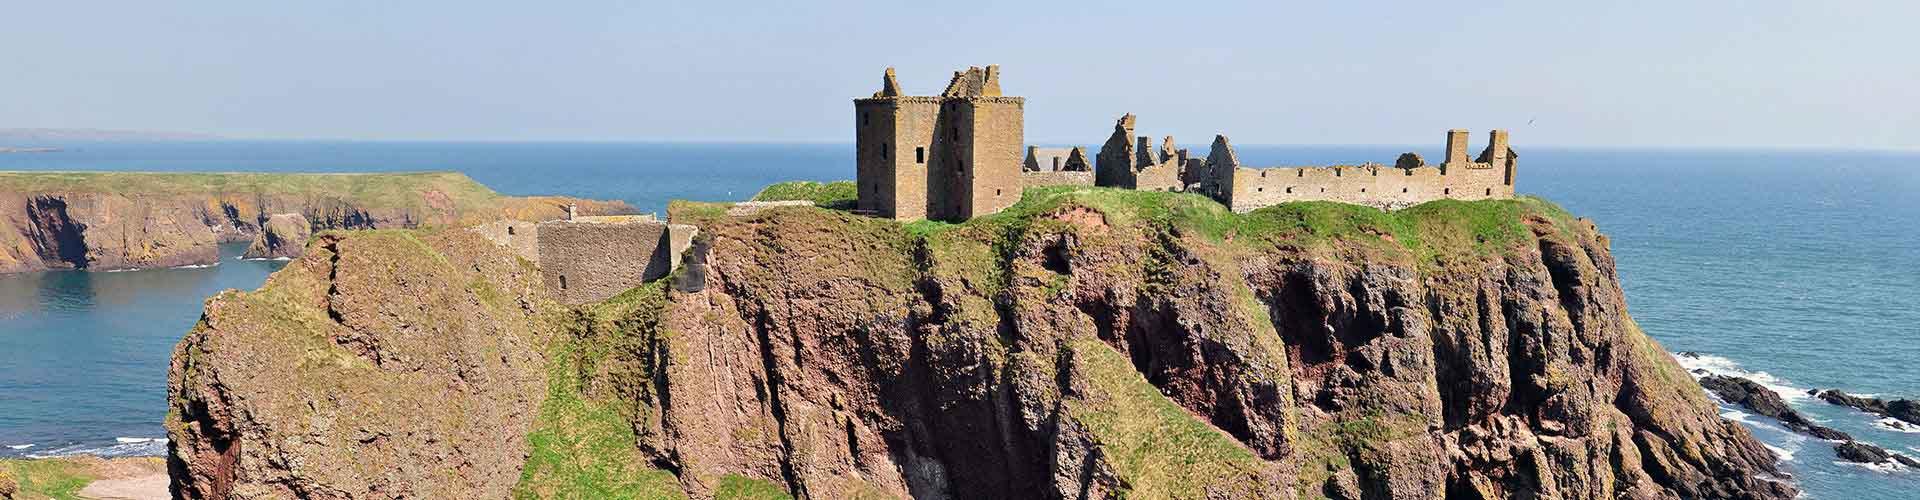 Aberdeenshire - Hôtels à Aberdeenshire. Cartes pour Aberdeenshire, photos et commentaires pour chaque hôtel à Aberdeenshire.